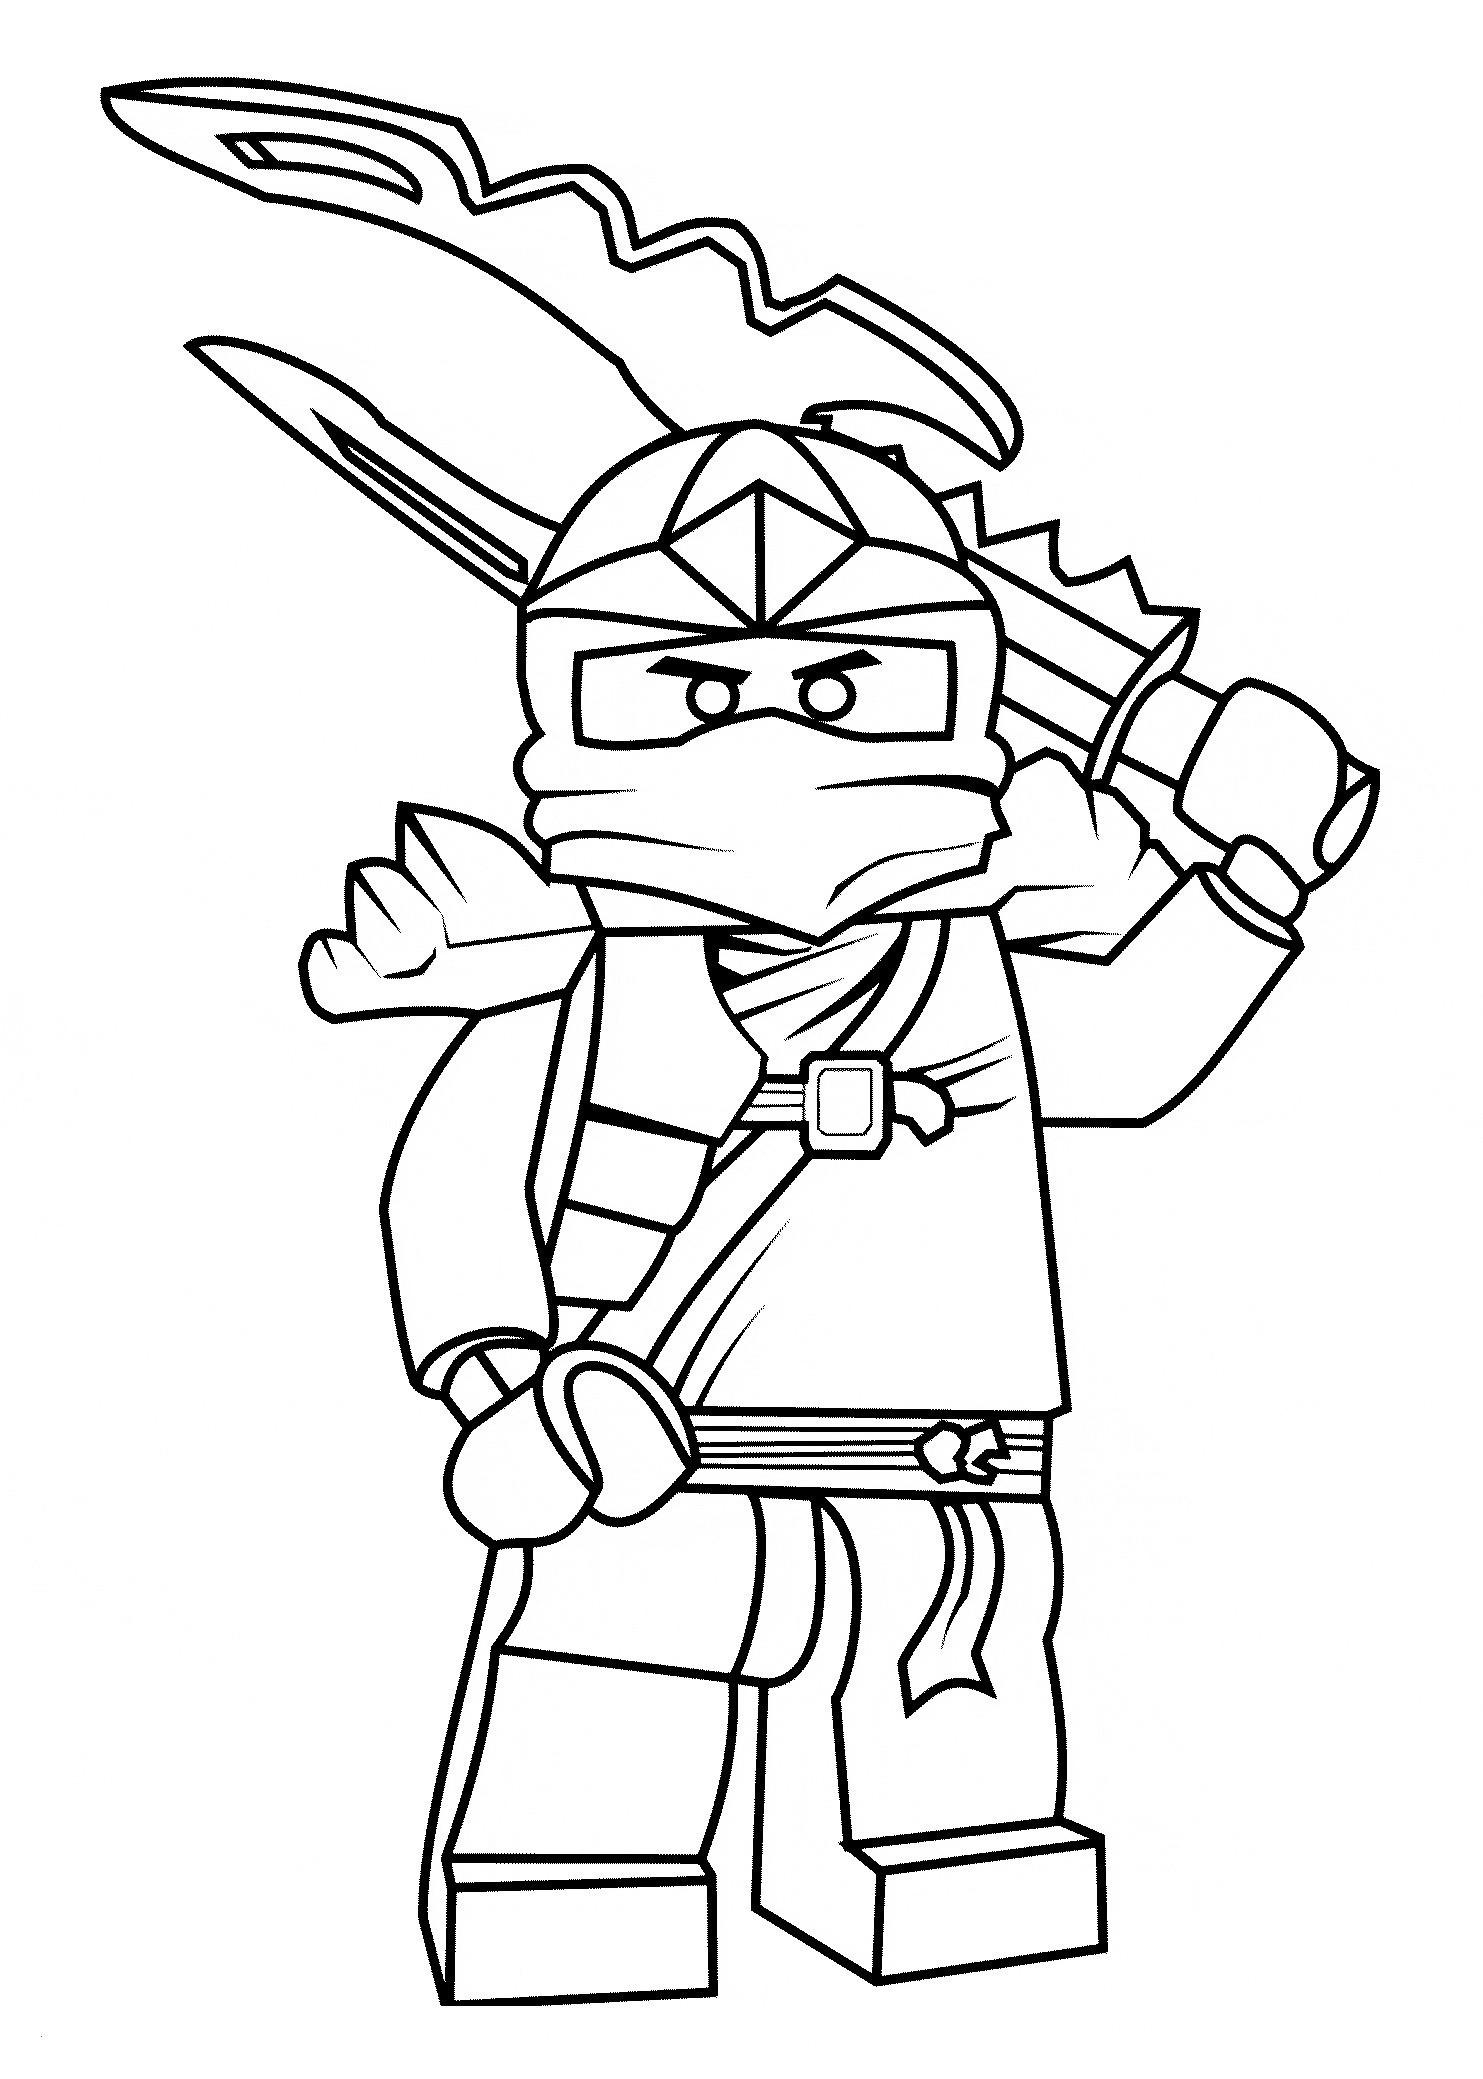 ausmalbilder ninjago schlangen inspirierend ninjago